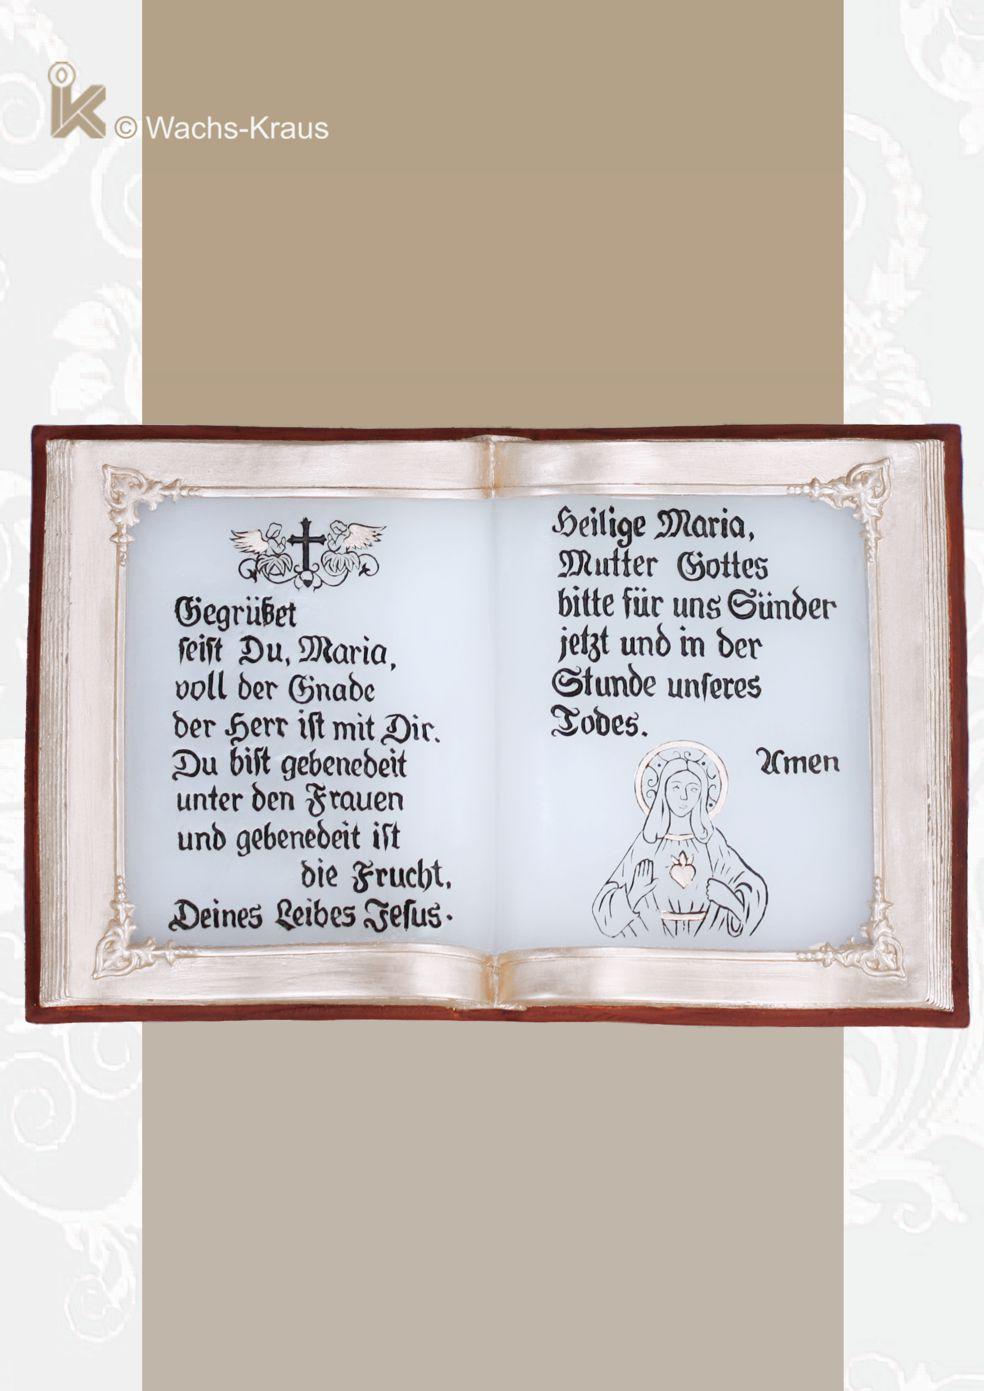 Wachsbuch Gegrüßet seist Du Maria. Aus besonders temperaturbeständigem Wachs gegossene Wachsbuch in Handarbeit bemalt.